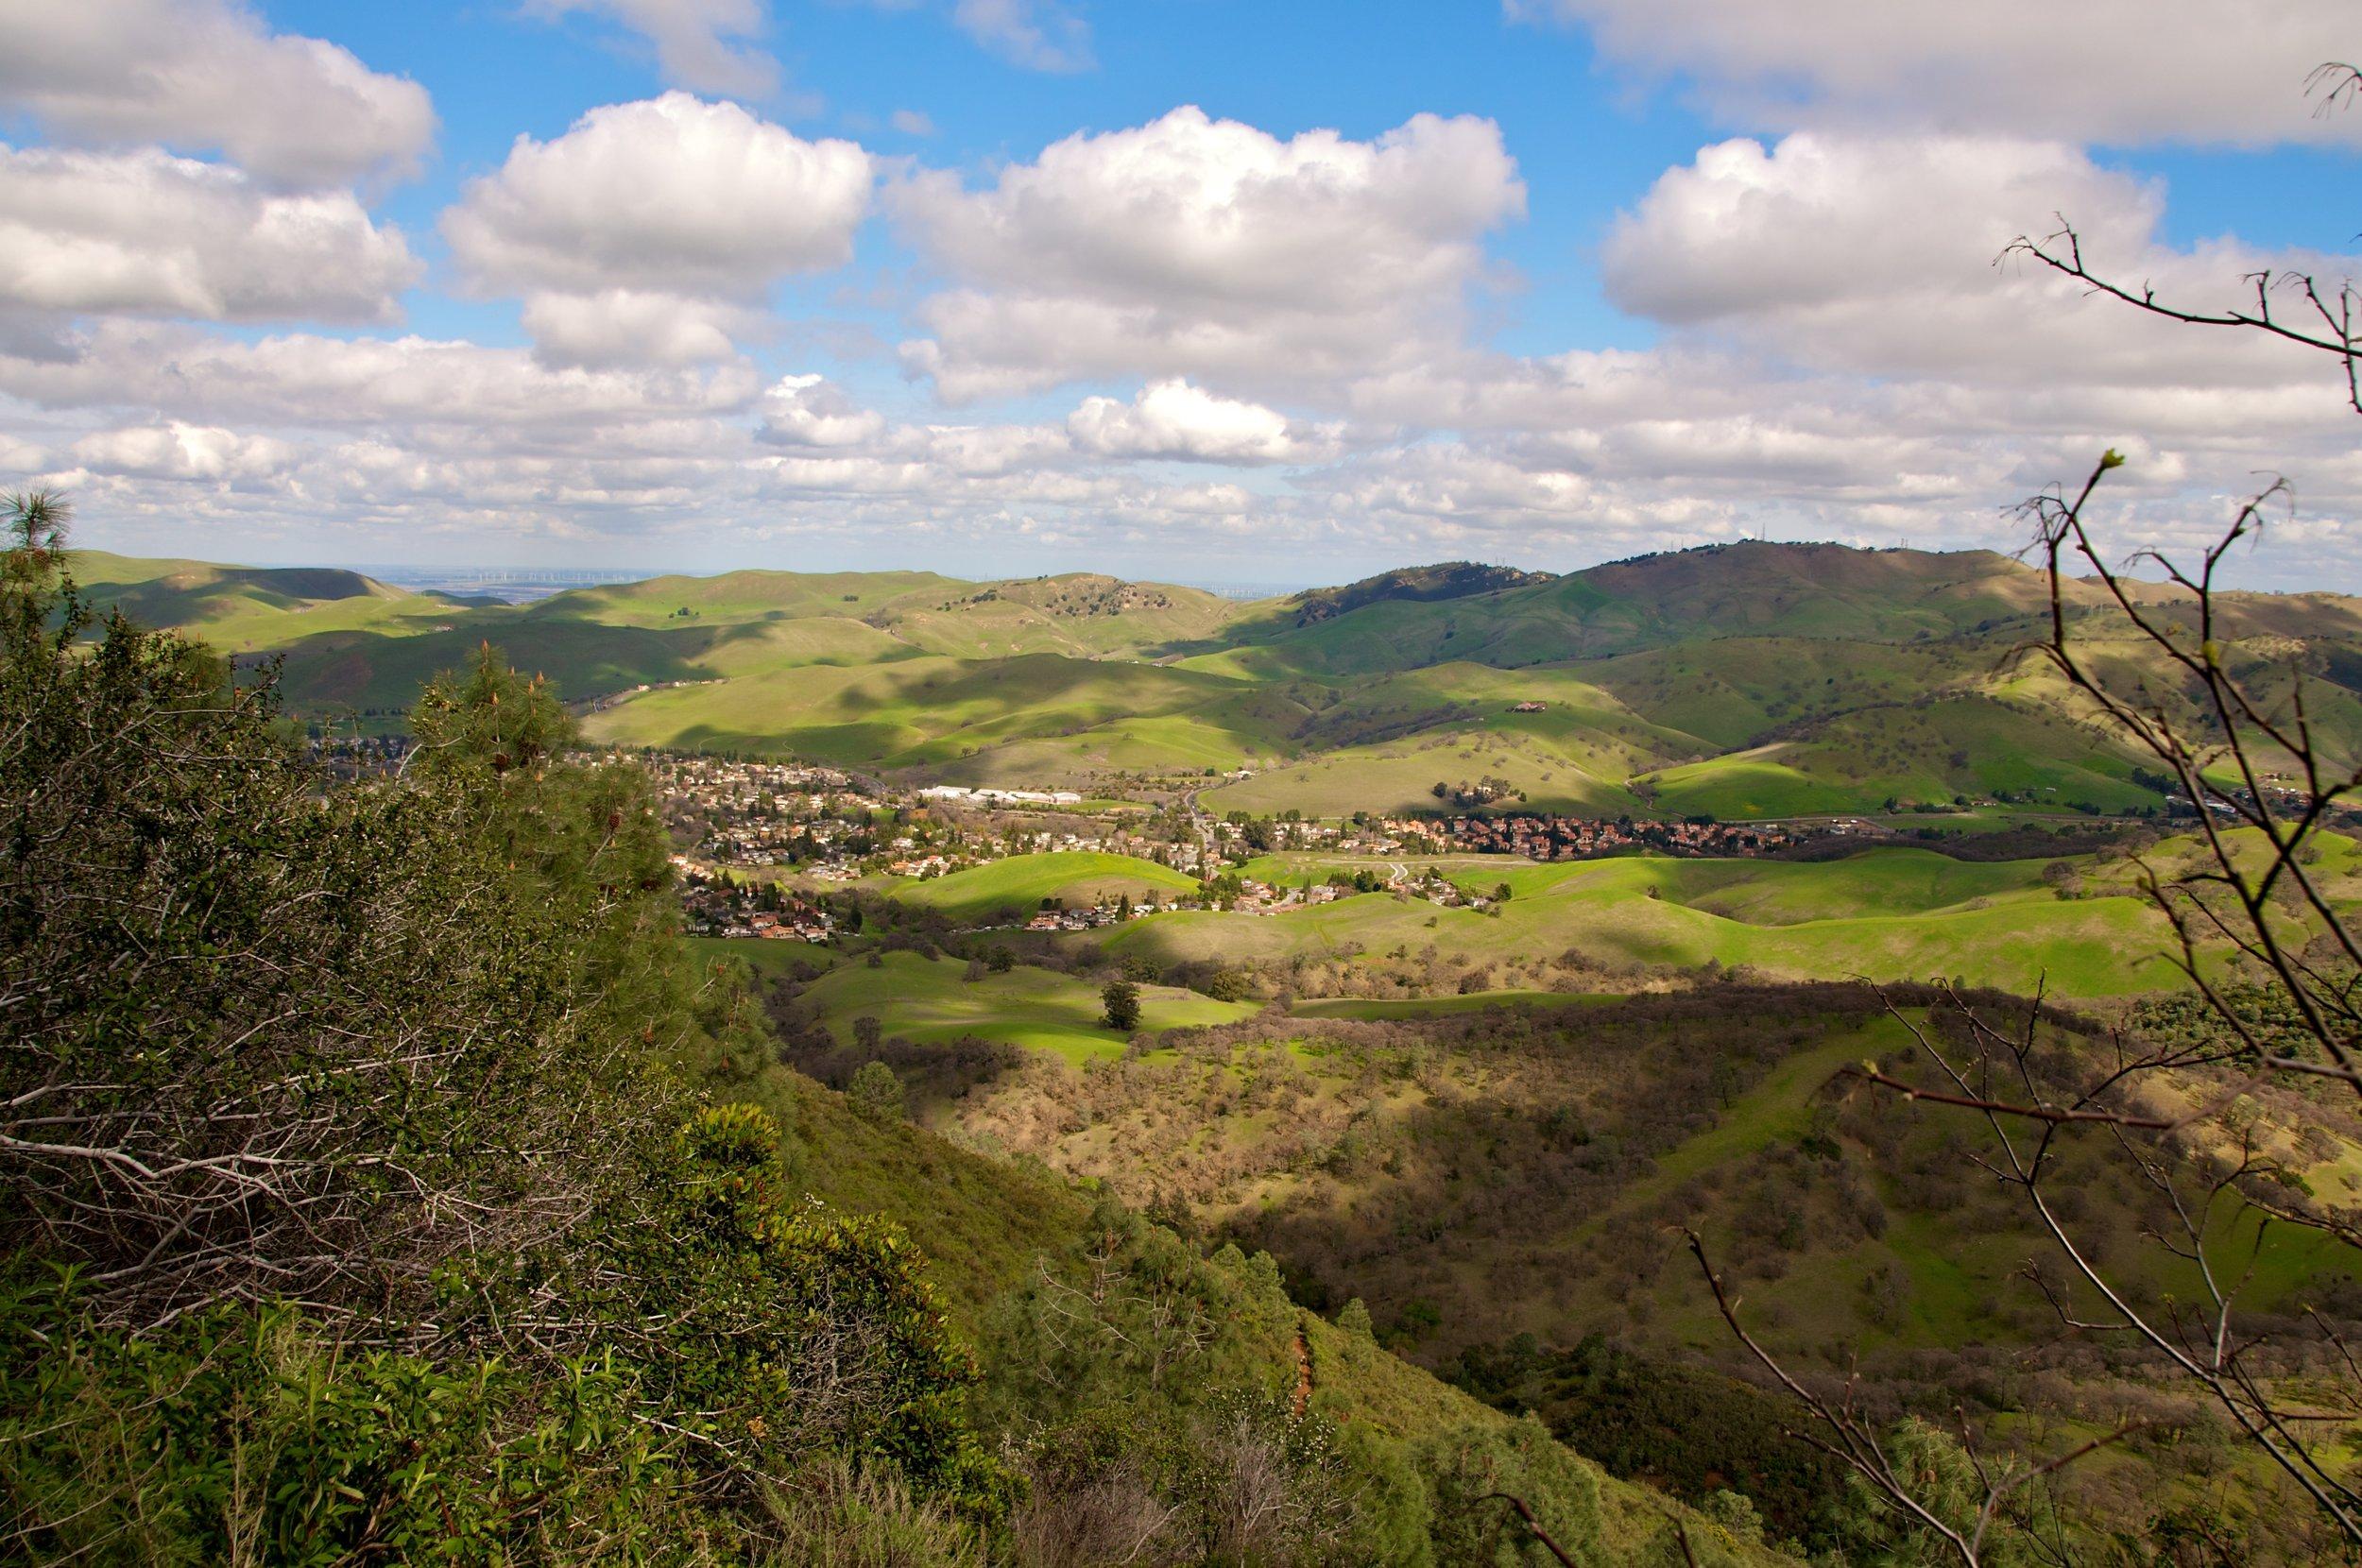 Mt. Diablo Hike 2_12_2011 - 2011-02-21 at 12-23-10.jpg